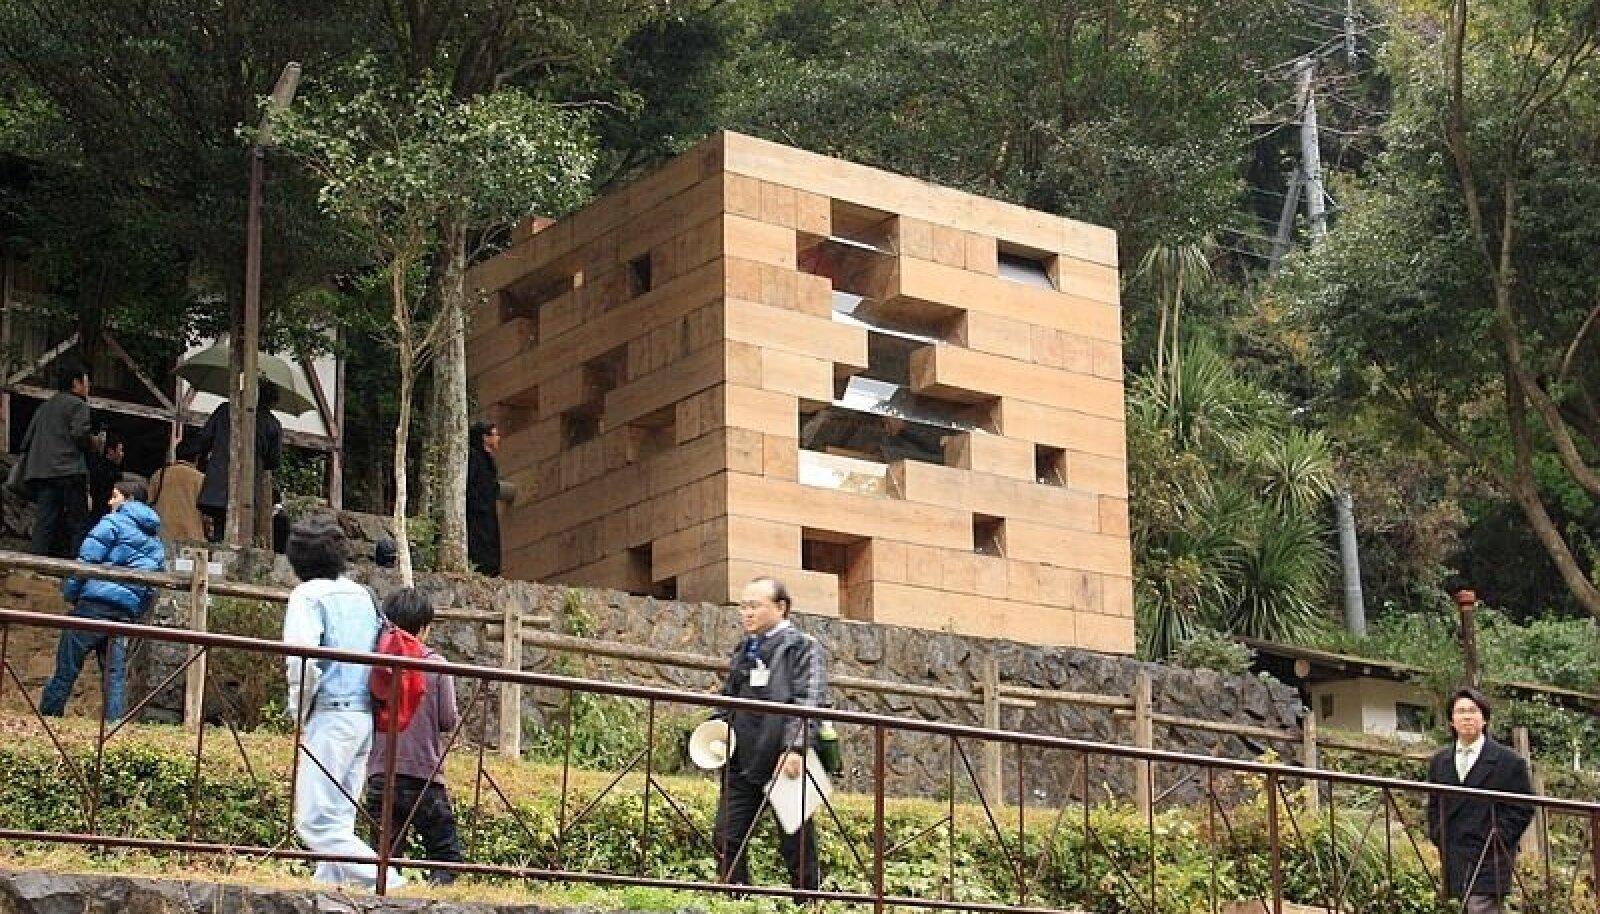 Arhitekt Sou Fujimoto